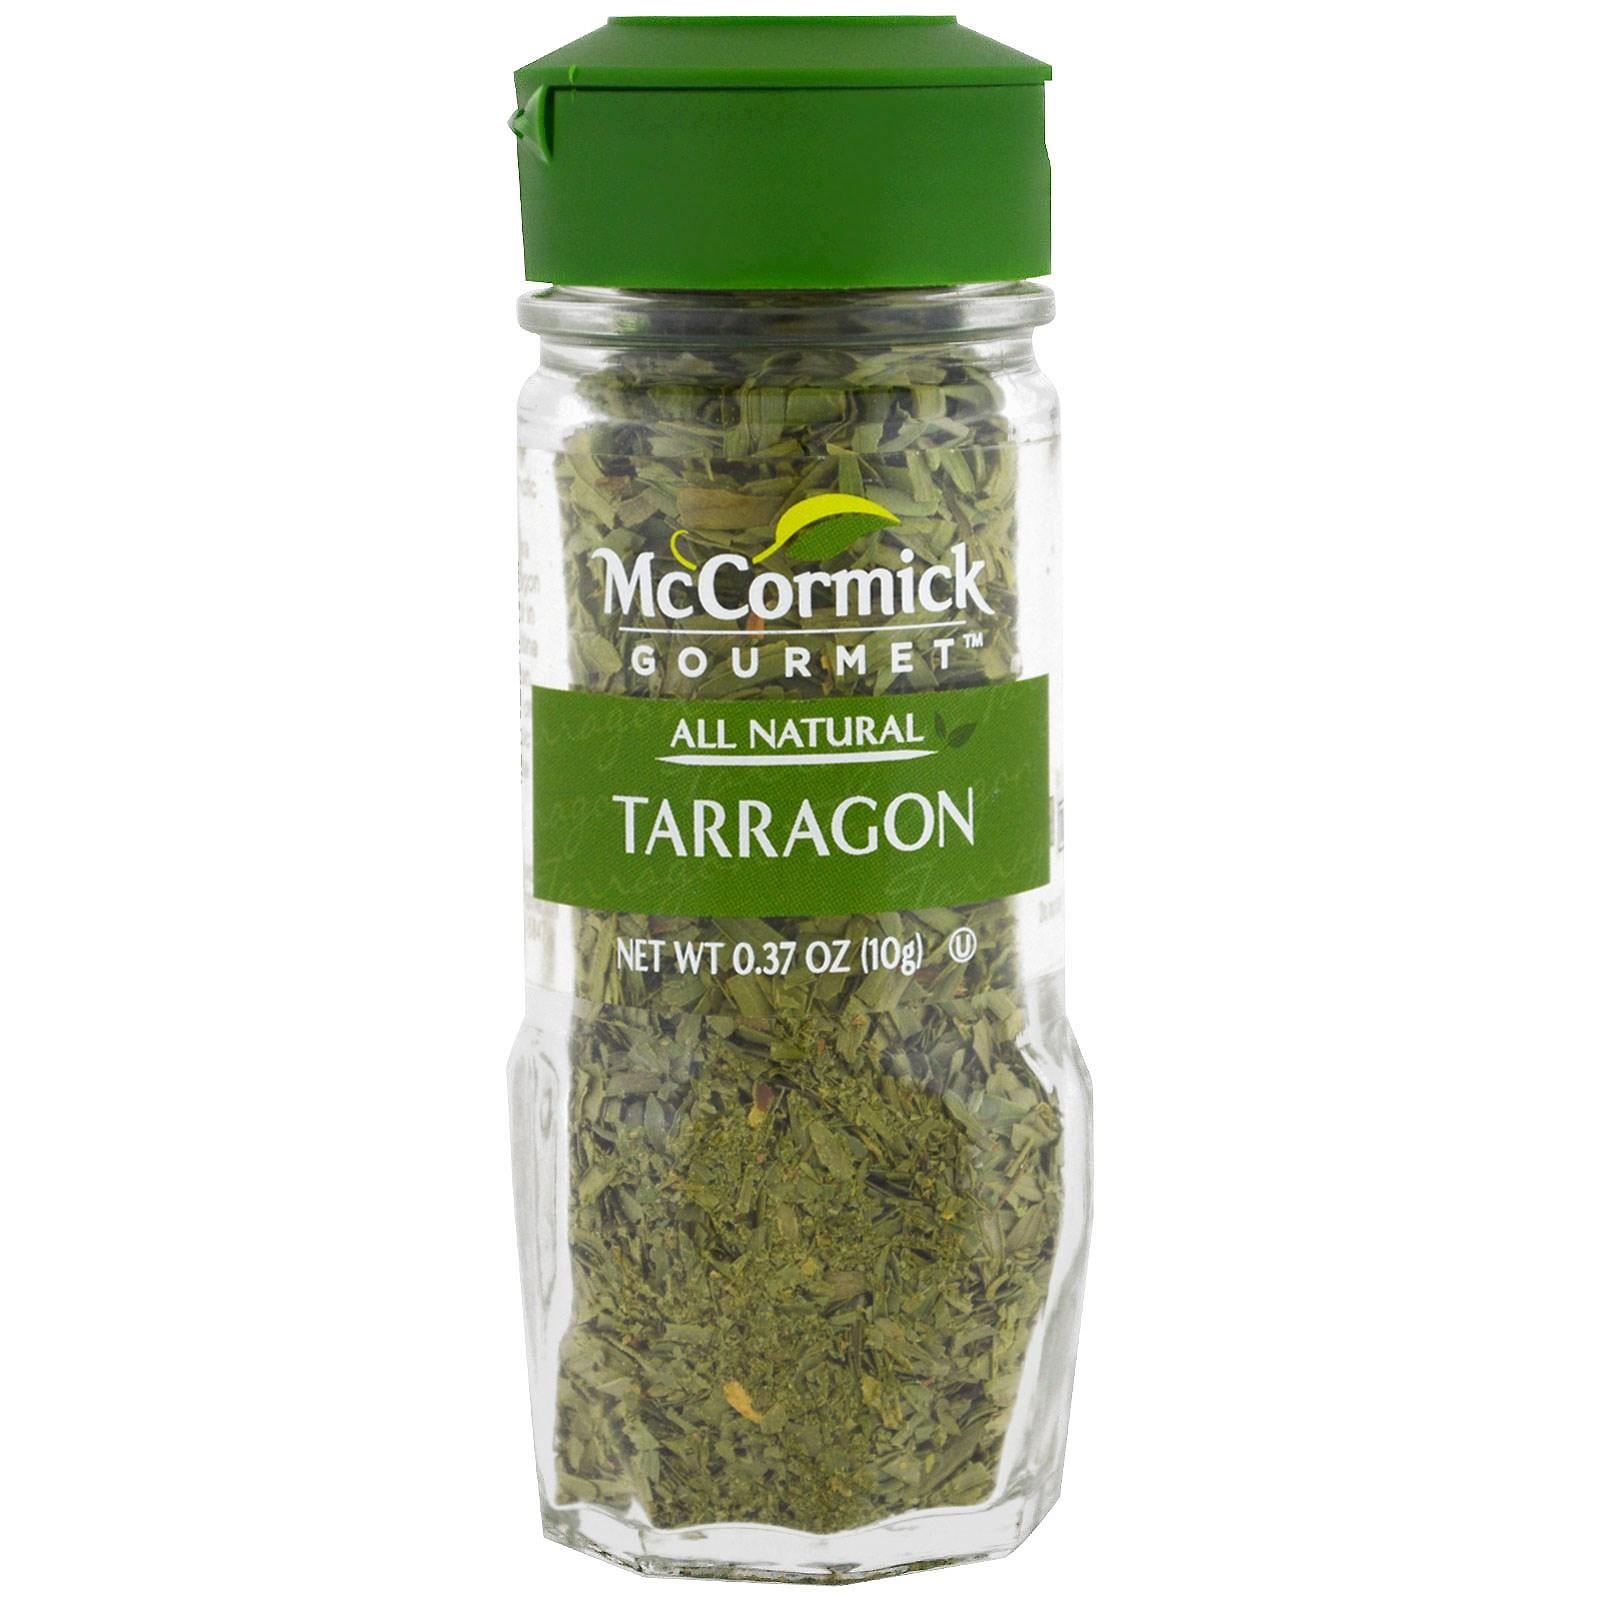 McCormick Gourmet, All Natural, эстрагон, 0,37 унц. (10 г)